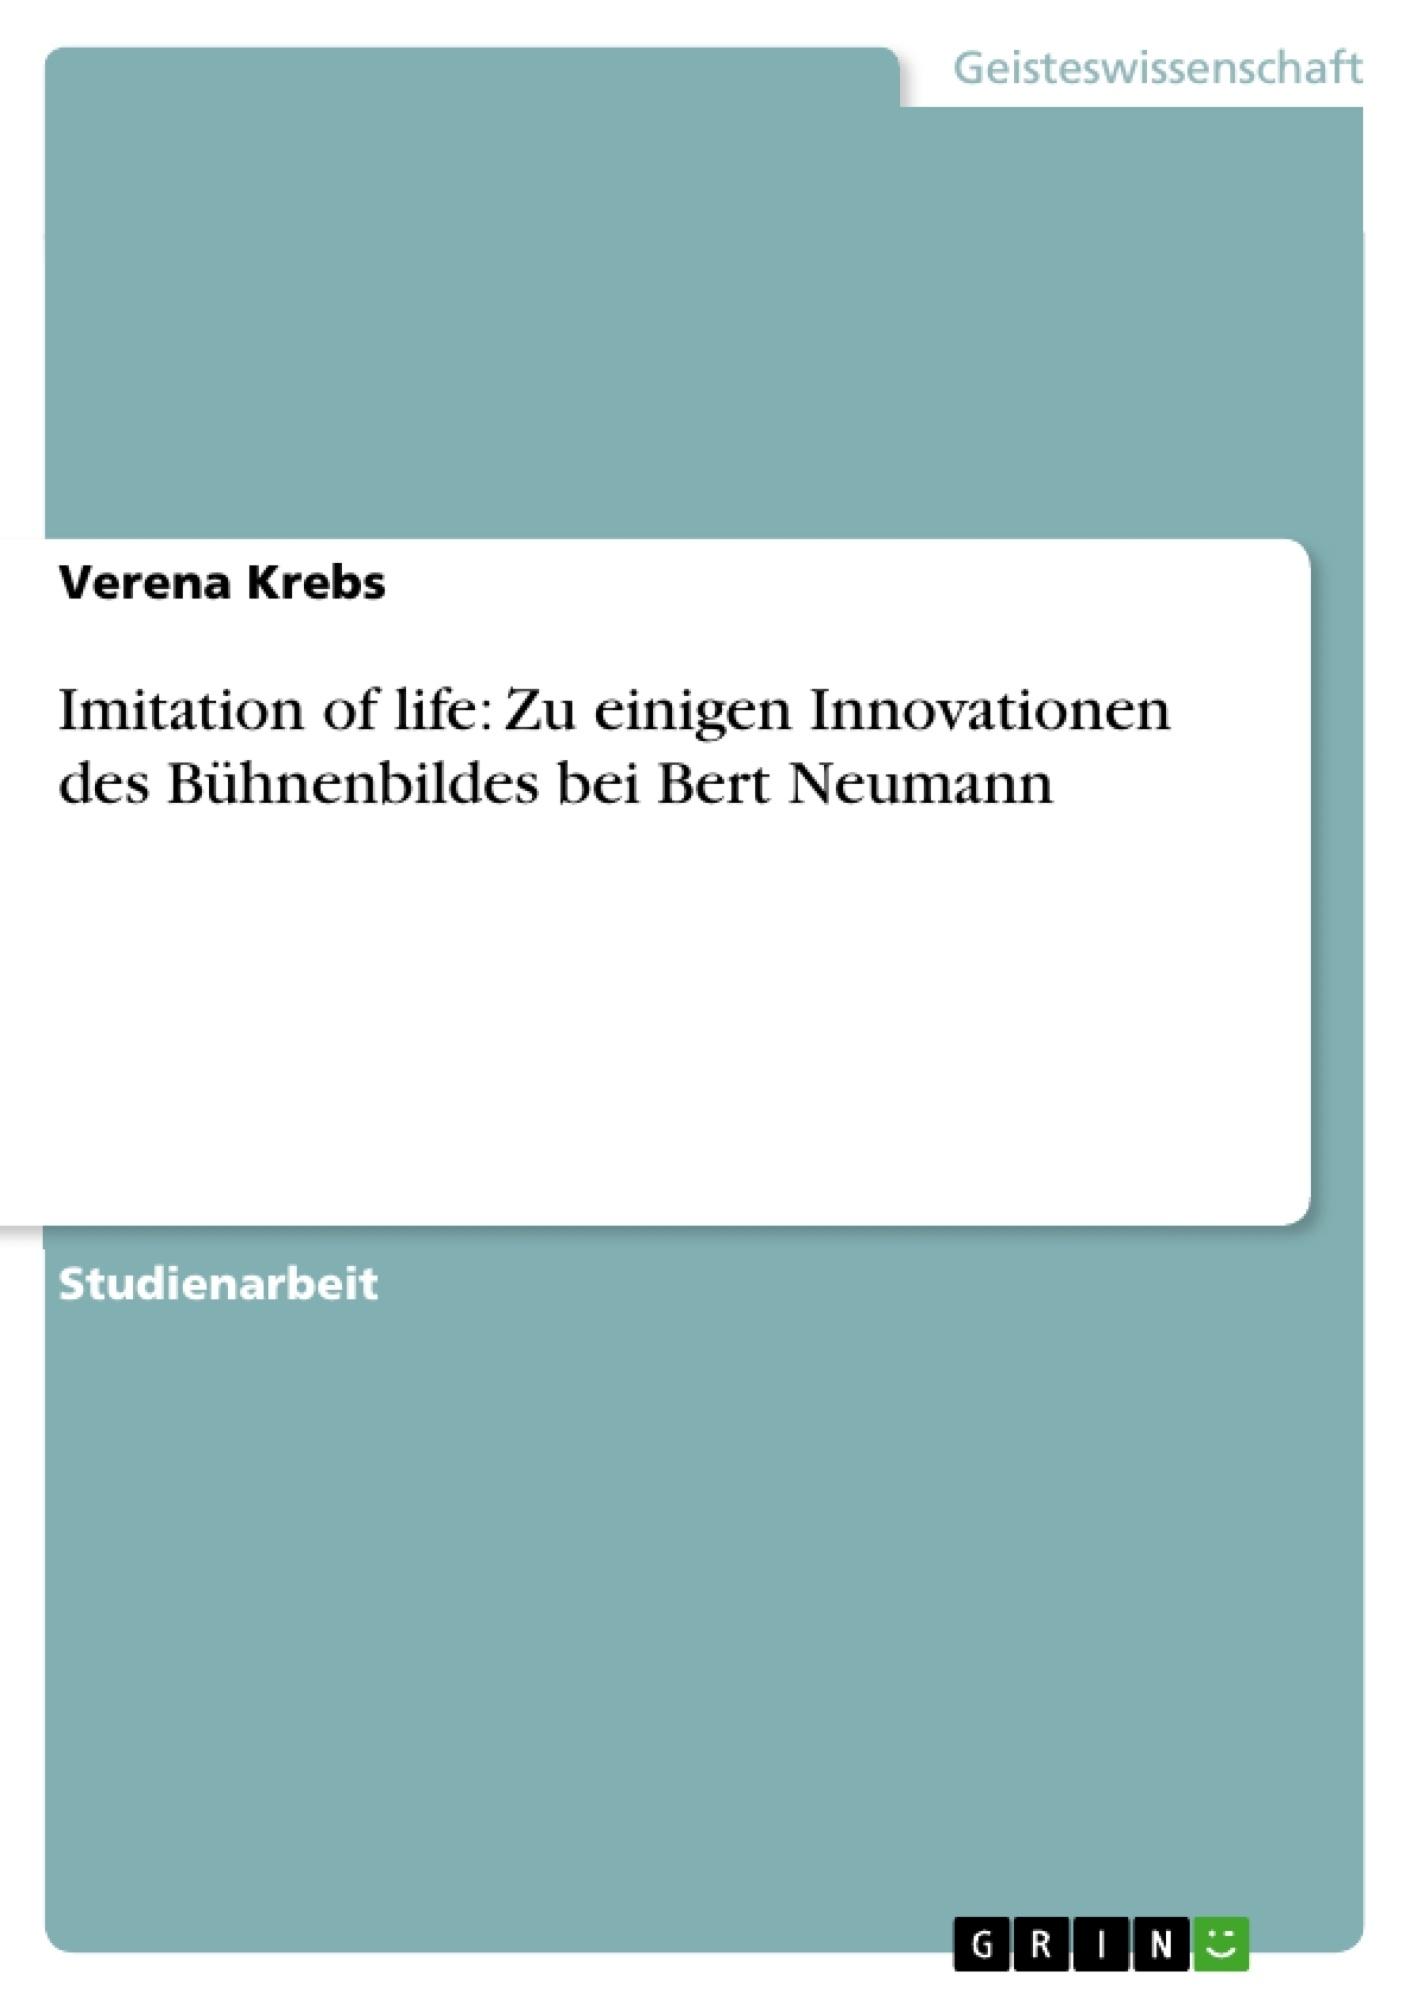 Titel: Imitation of life: Zu einigen Innovationen des Bühnenbildes bei Bert Neumann